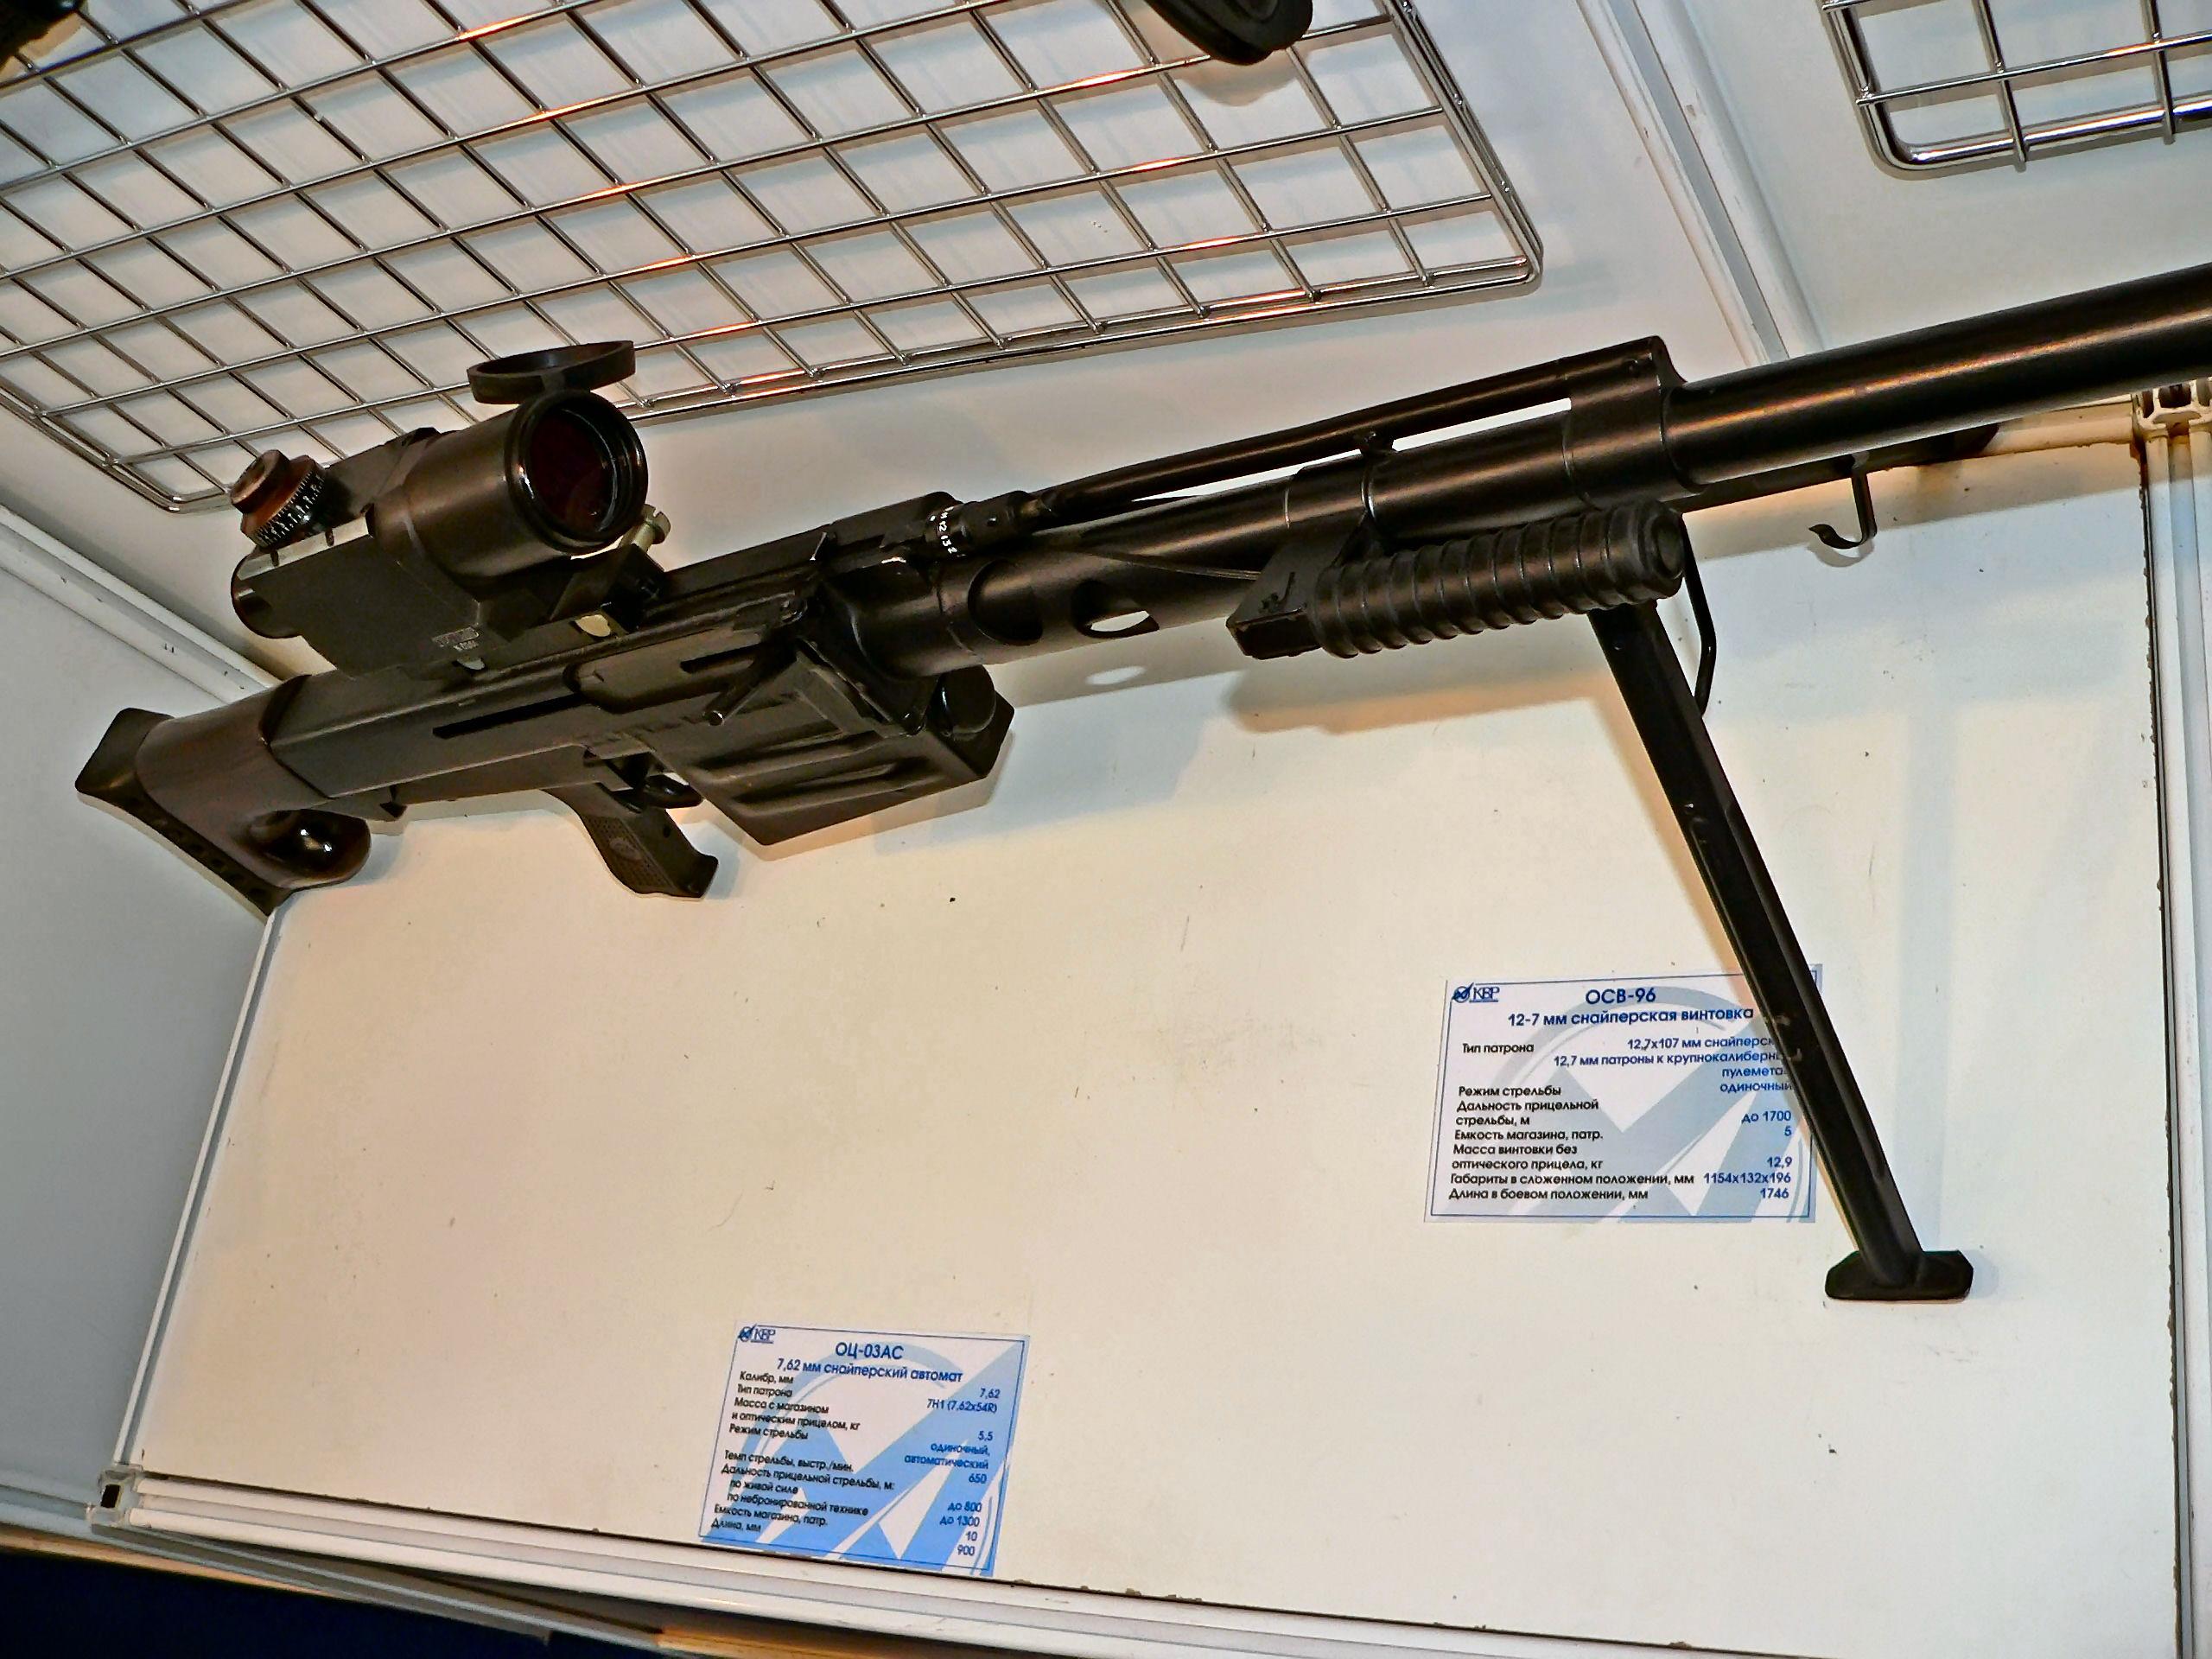 الروسية الرائعة OSV-96  Osv-96_sniper_rifle_28_of_32